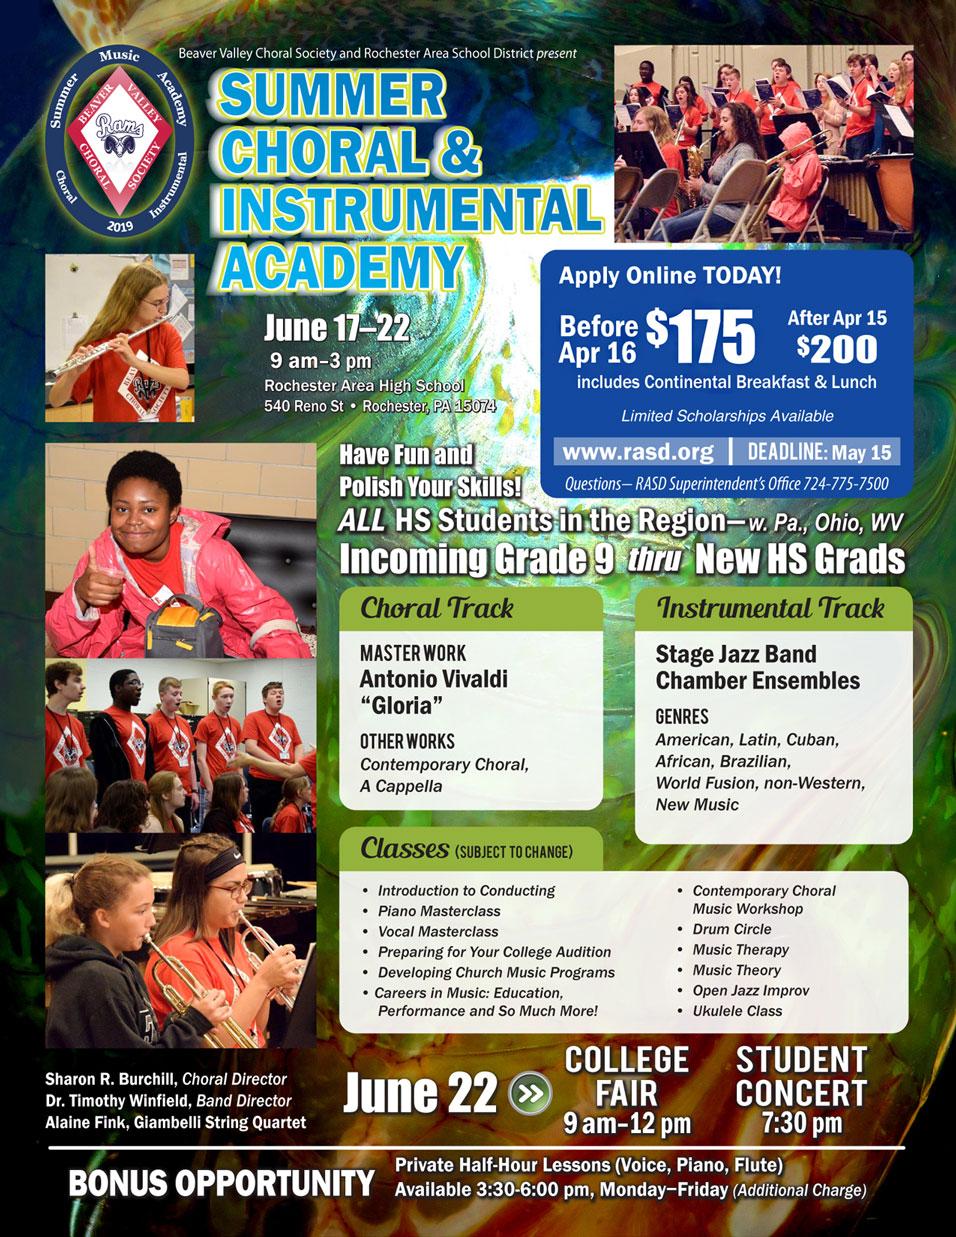 Summer Choral & Instrumental Academy